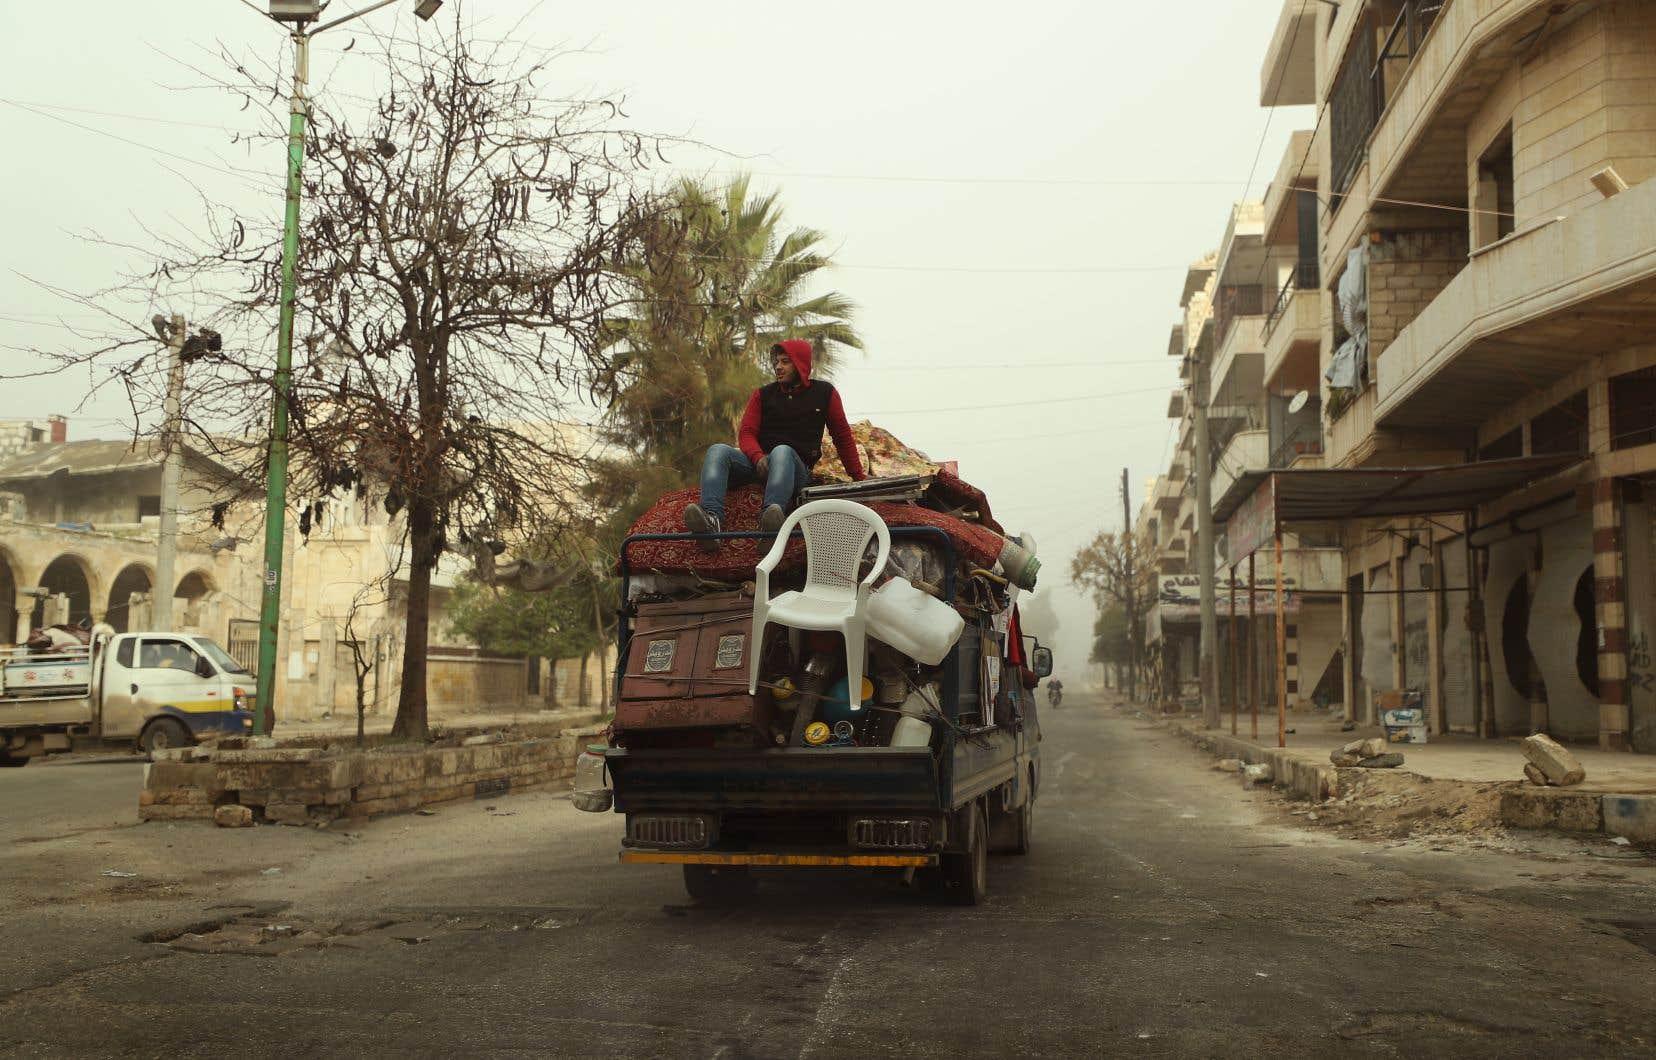 Un Syrien fuit la ville de Maaret al-Numan, située dans la province d'Idleb. Déclenché en 2011, le conflit en Syrie a fait plus de 370 000 morts et des millions de déplacés et réfugiés.